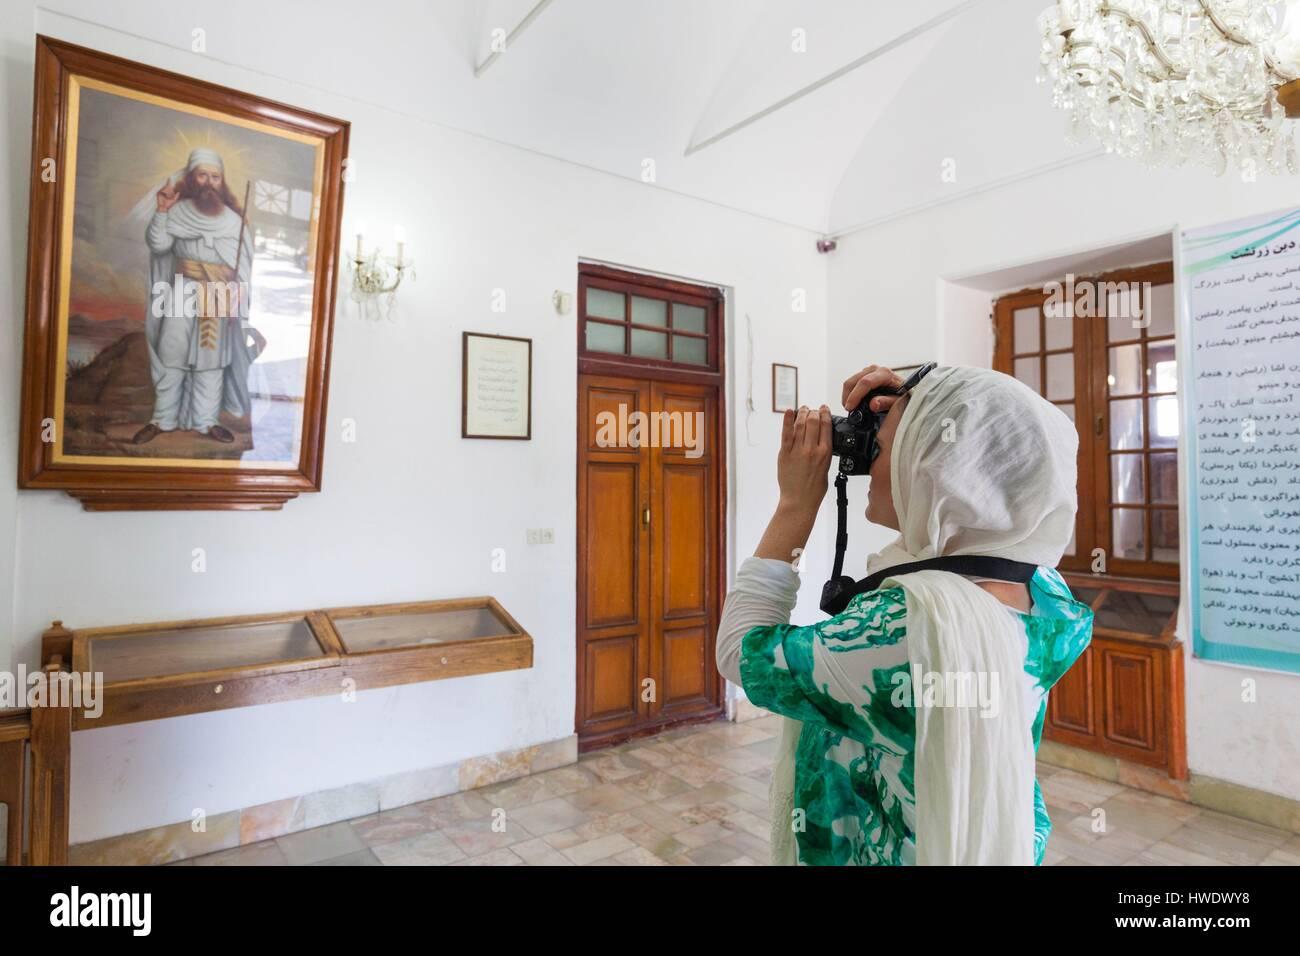 Irán, en el centro de Irán, Yazd, Ateshkadeh zoroástrica, Templo de fuego, retrato de Zaratustra, profeta y mujer fotógrafo Foto de stock